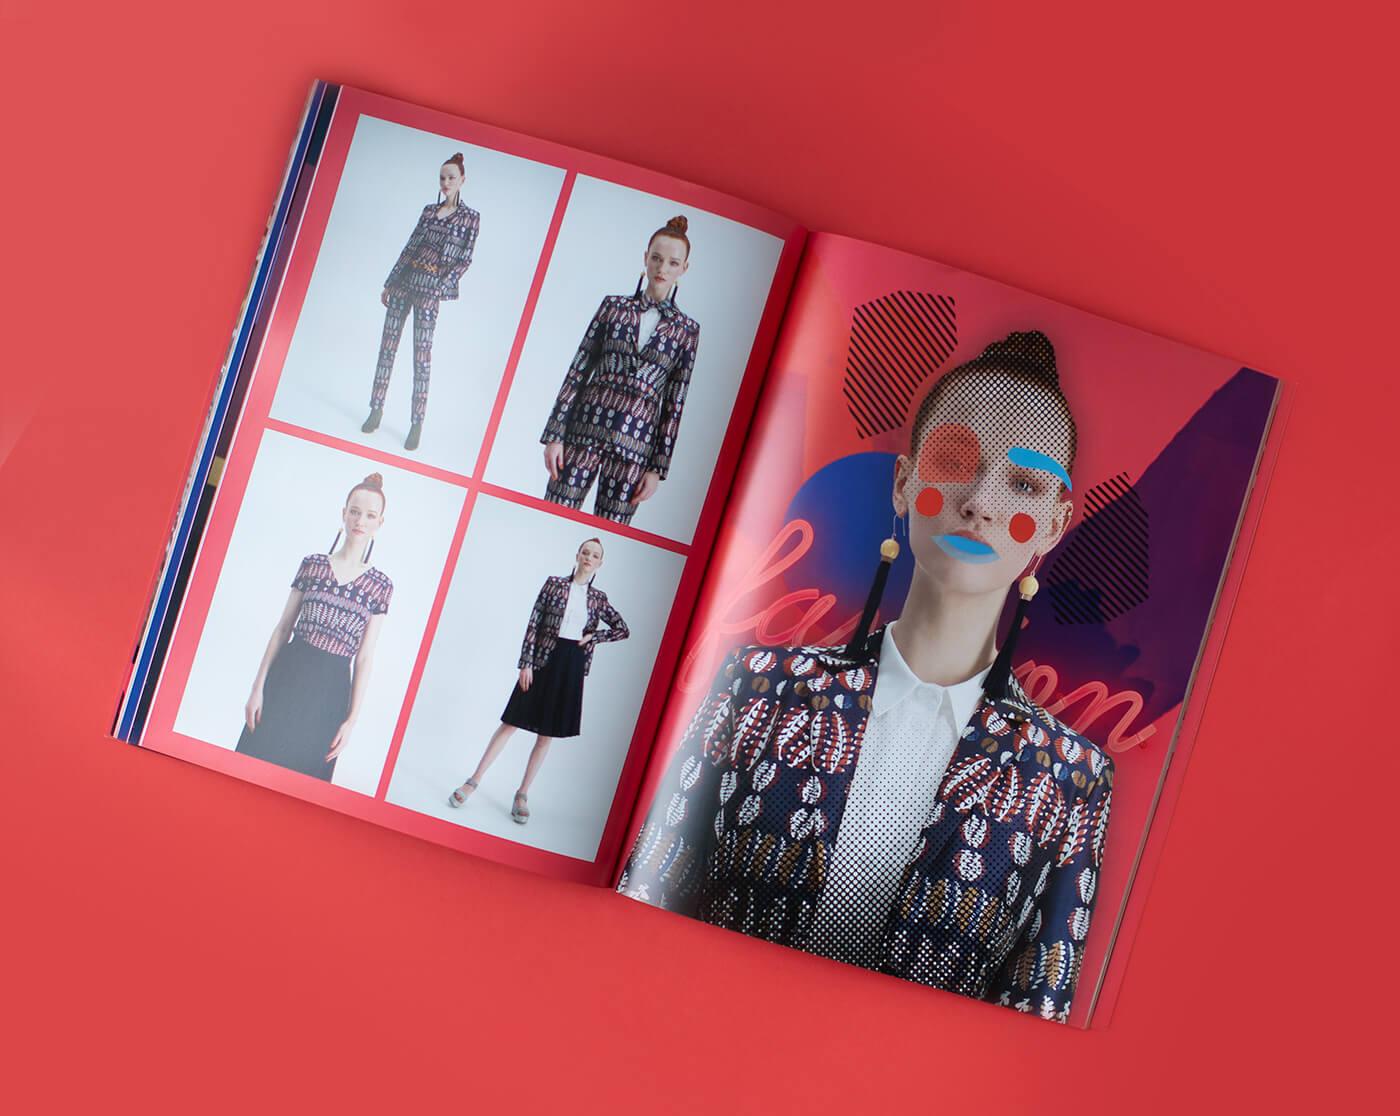 WORLD Fashion - Ksenia Vist